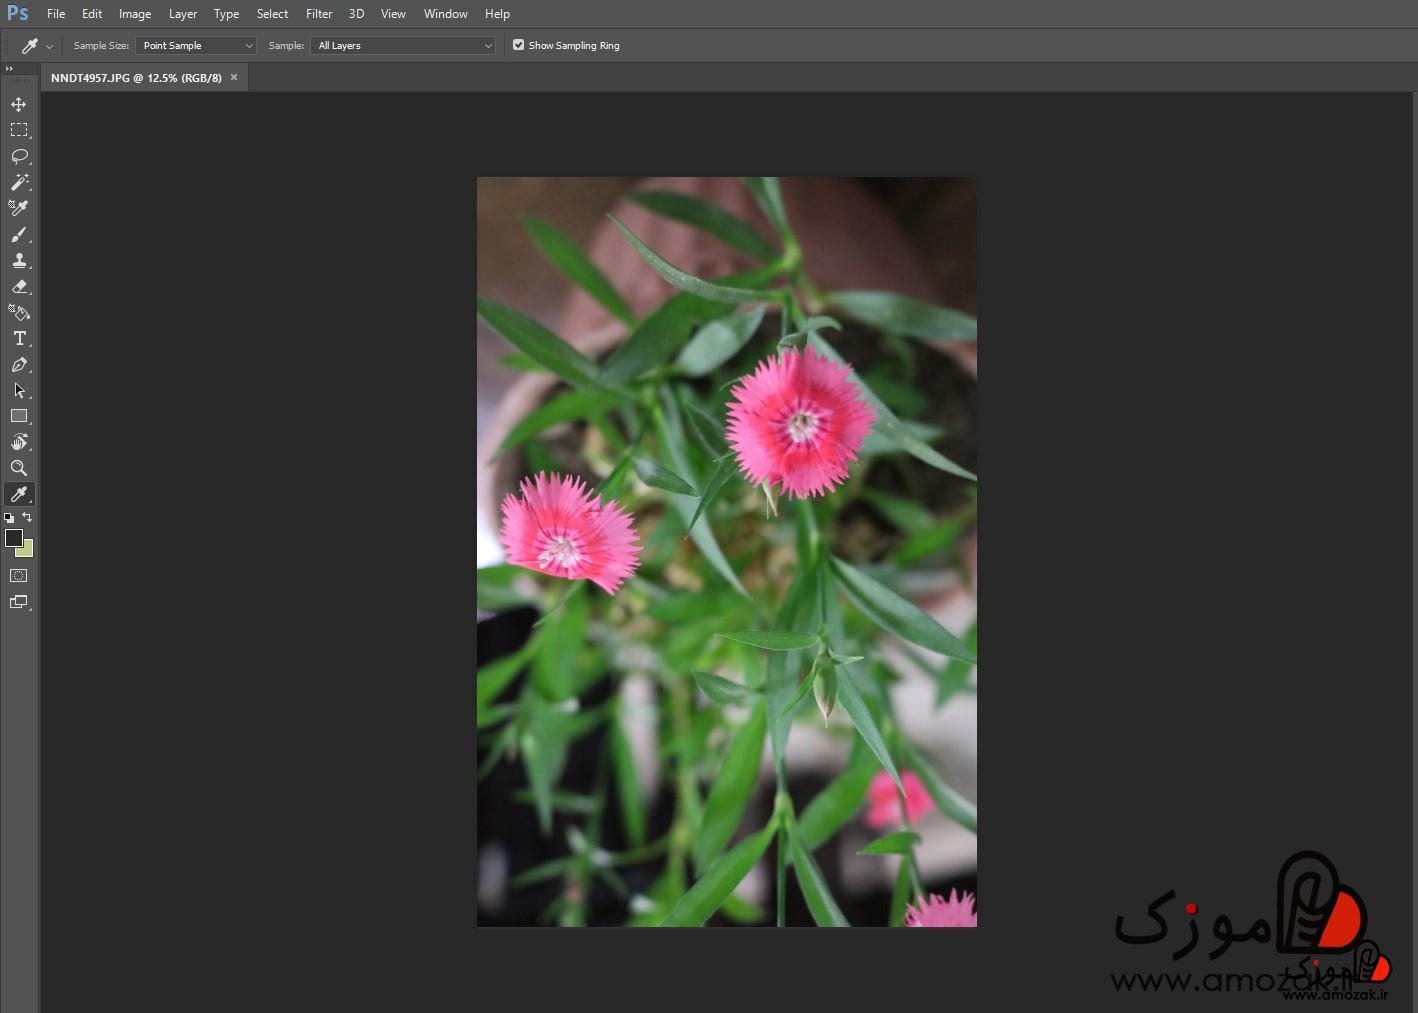 تصویر نحوه چرخاندن و تغییر زاویه عکس و  متن در فتوشاپ(Photoshop)